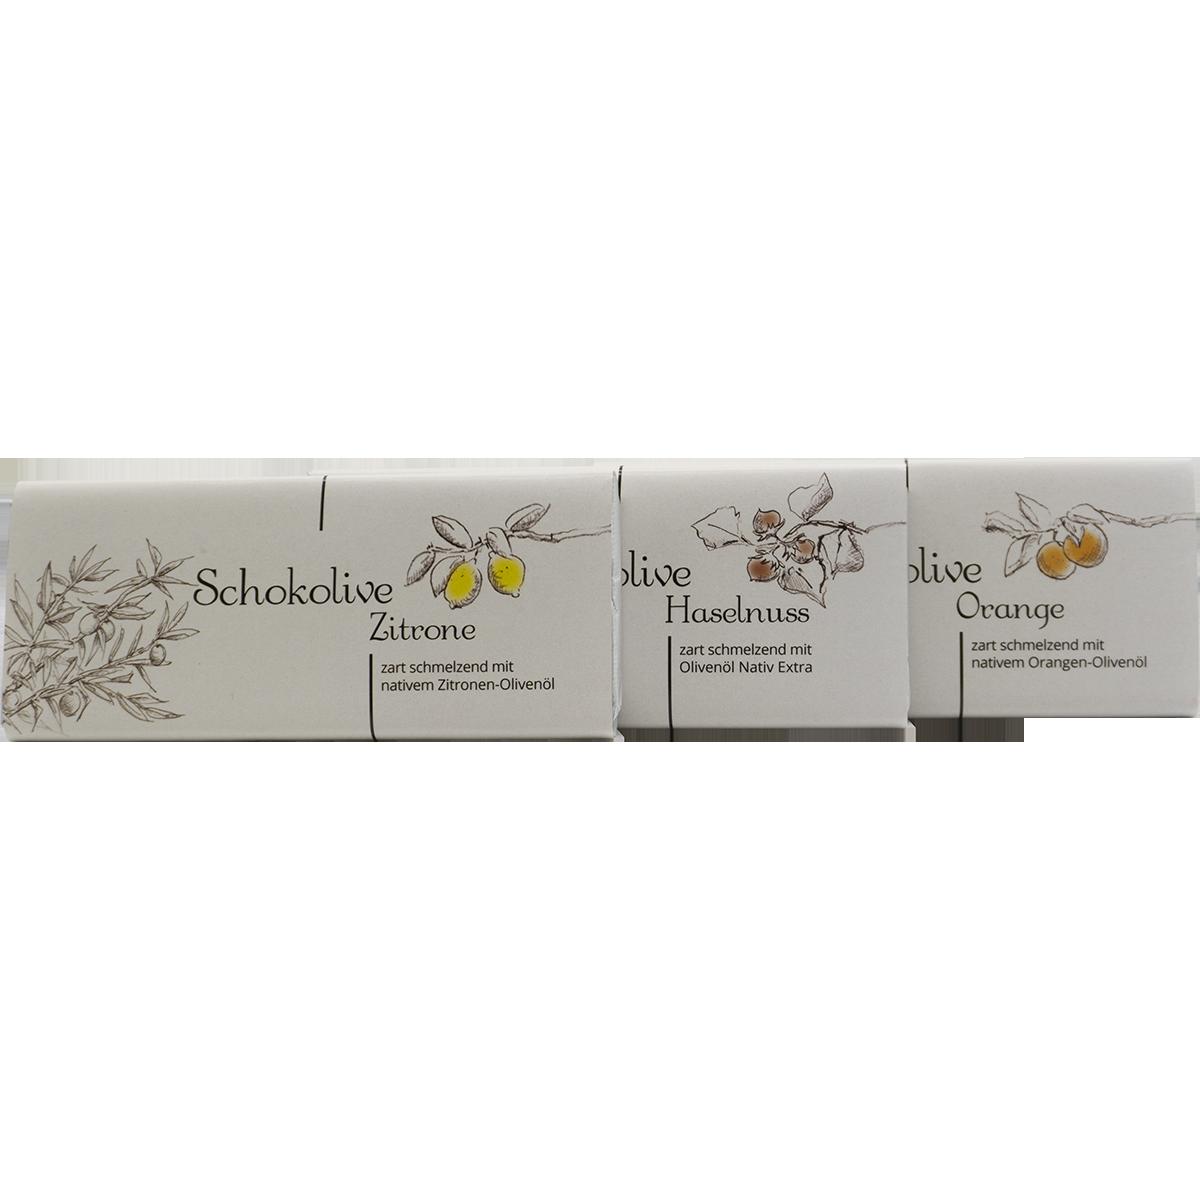 Schokolive - Schokolade mit Olivenöl